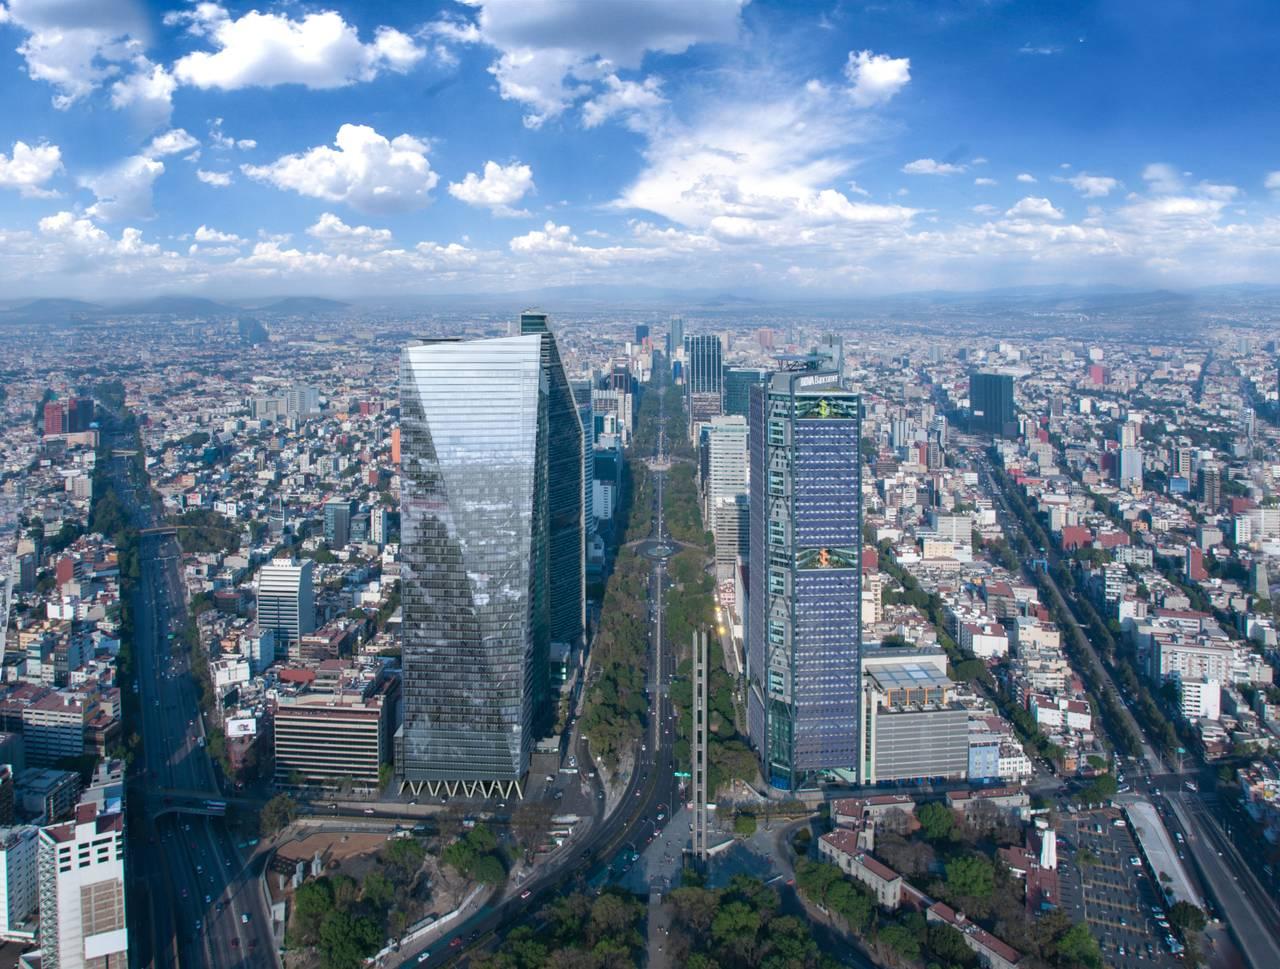 Ven imperativo reciclar suelo para desarrollo inmobiliario